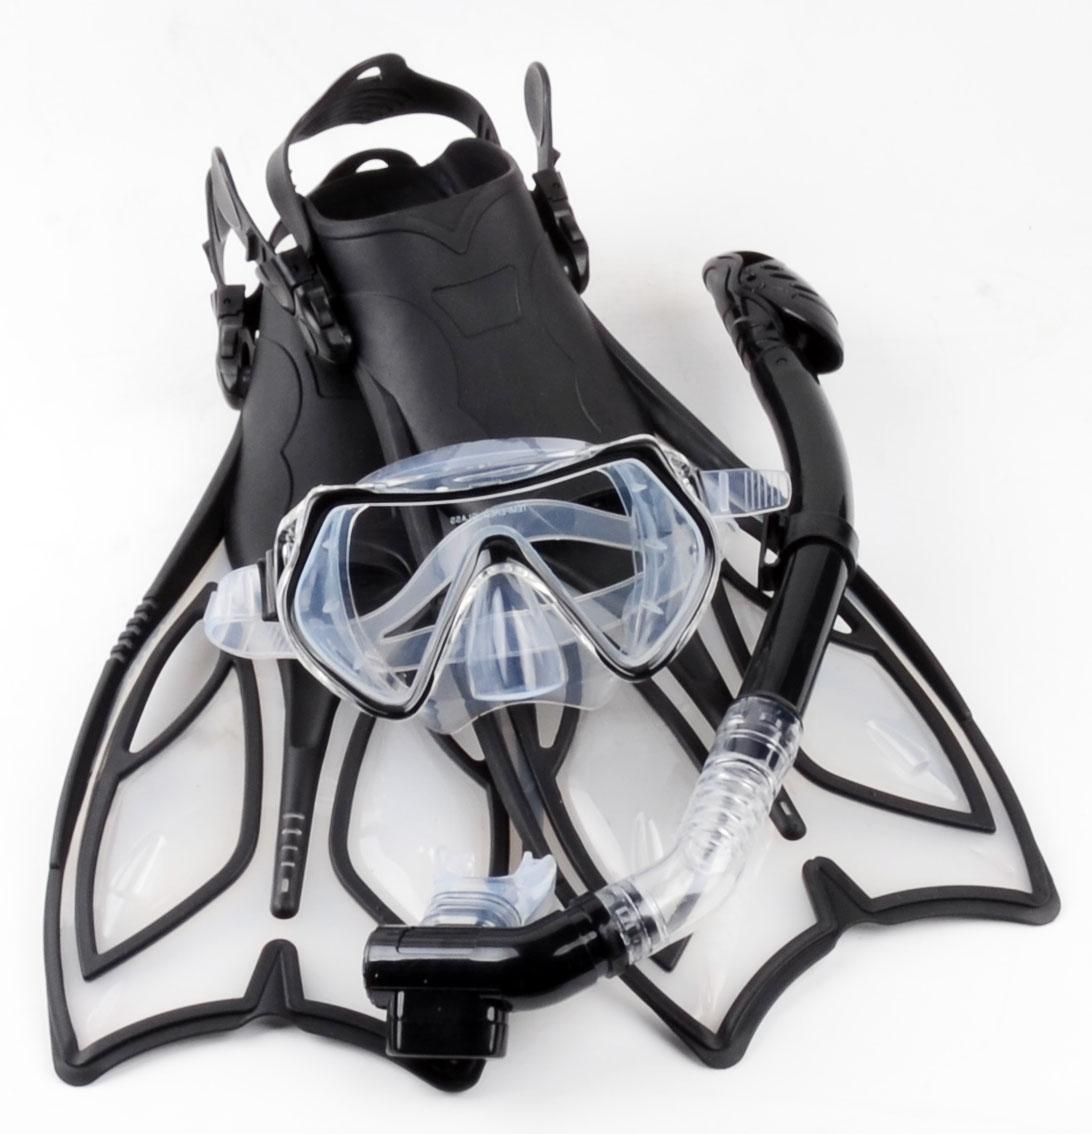 夏浪风 浮潜装备潜水三宝 全干式呼吸管硅胶近视潜水镜 浮浅脚蹼